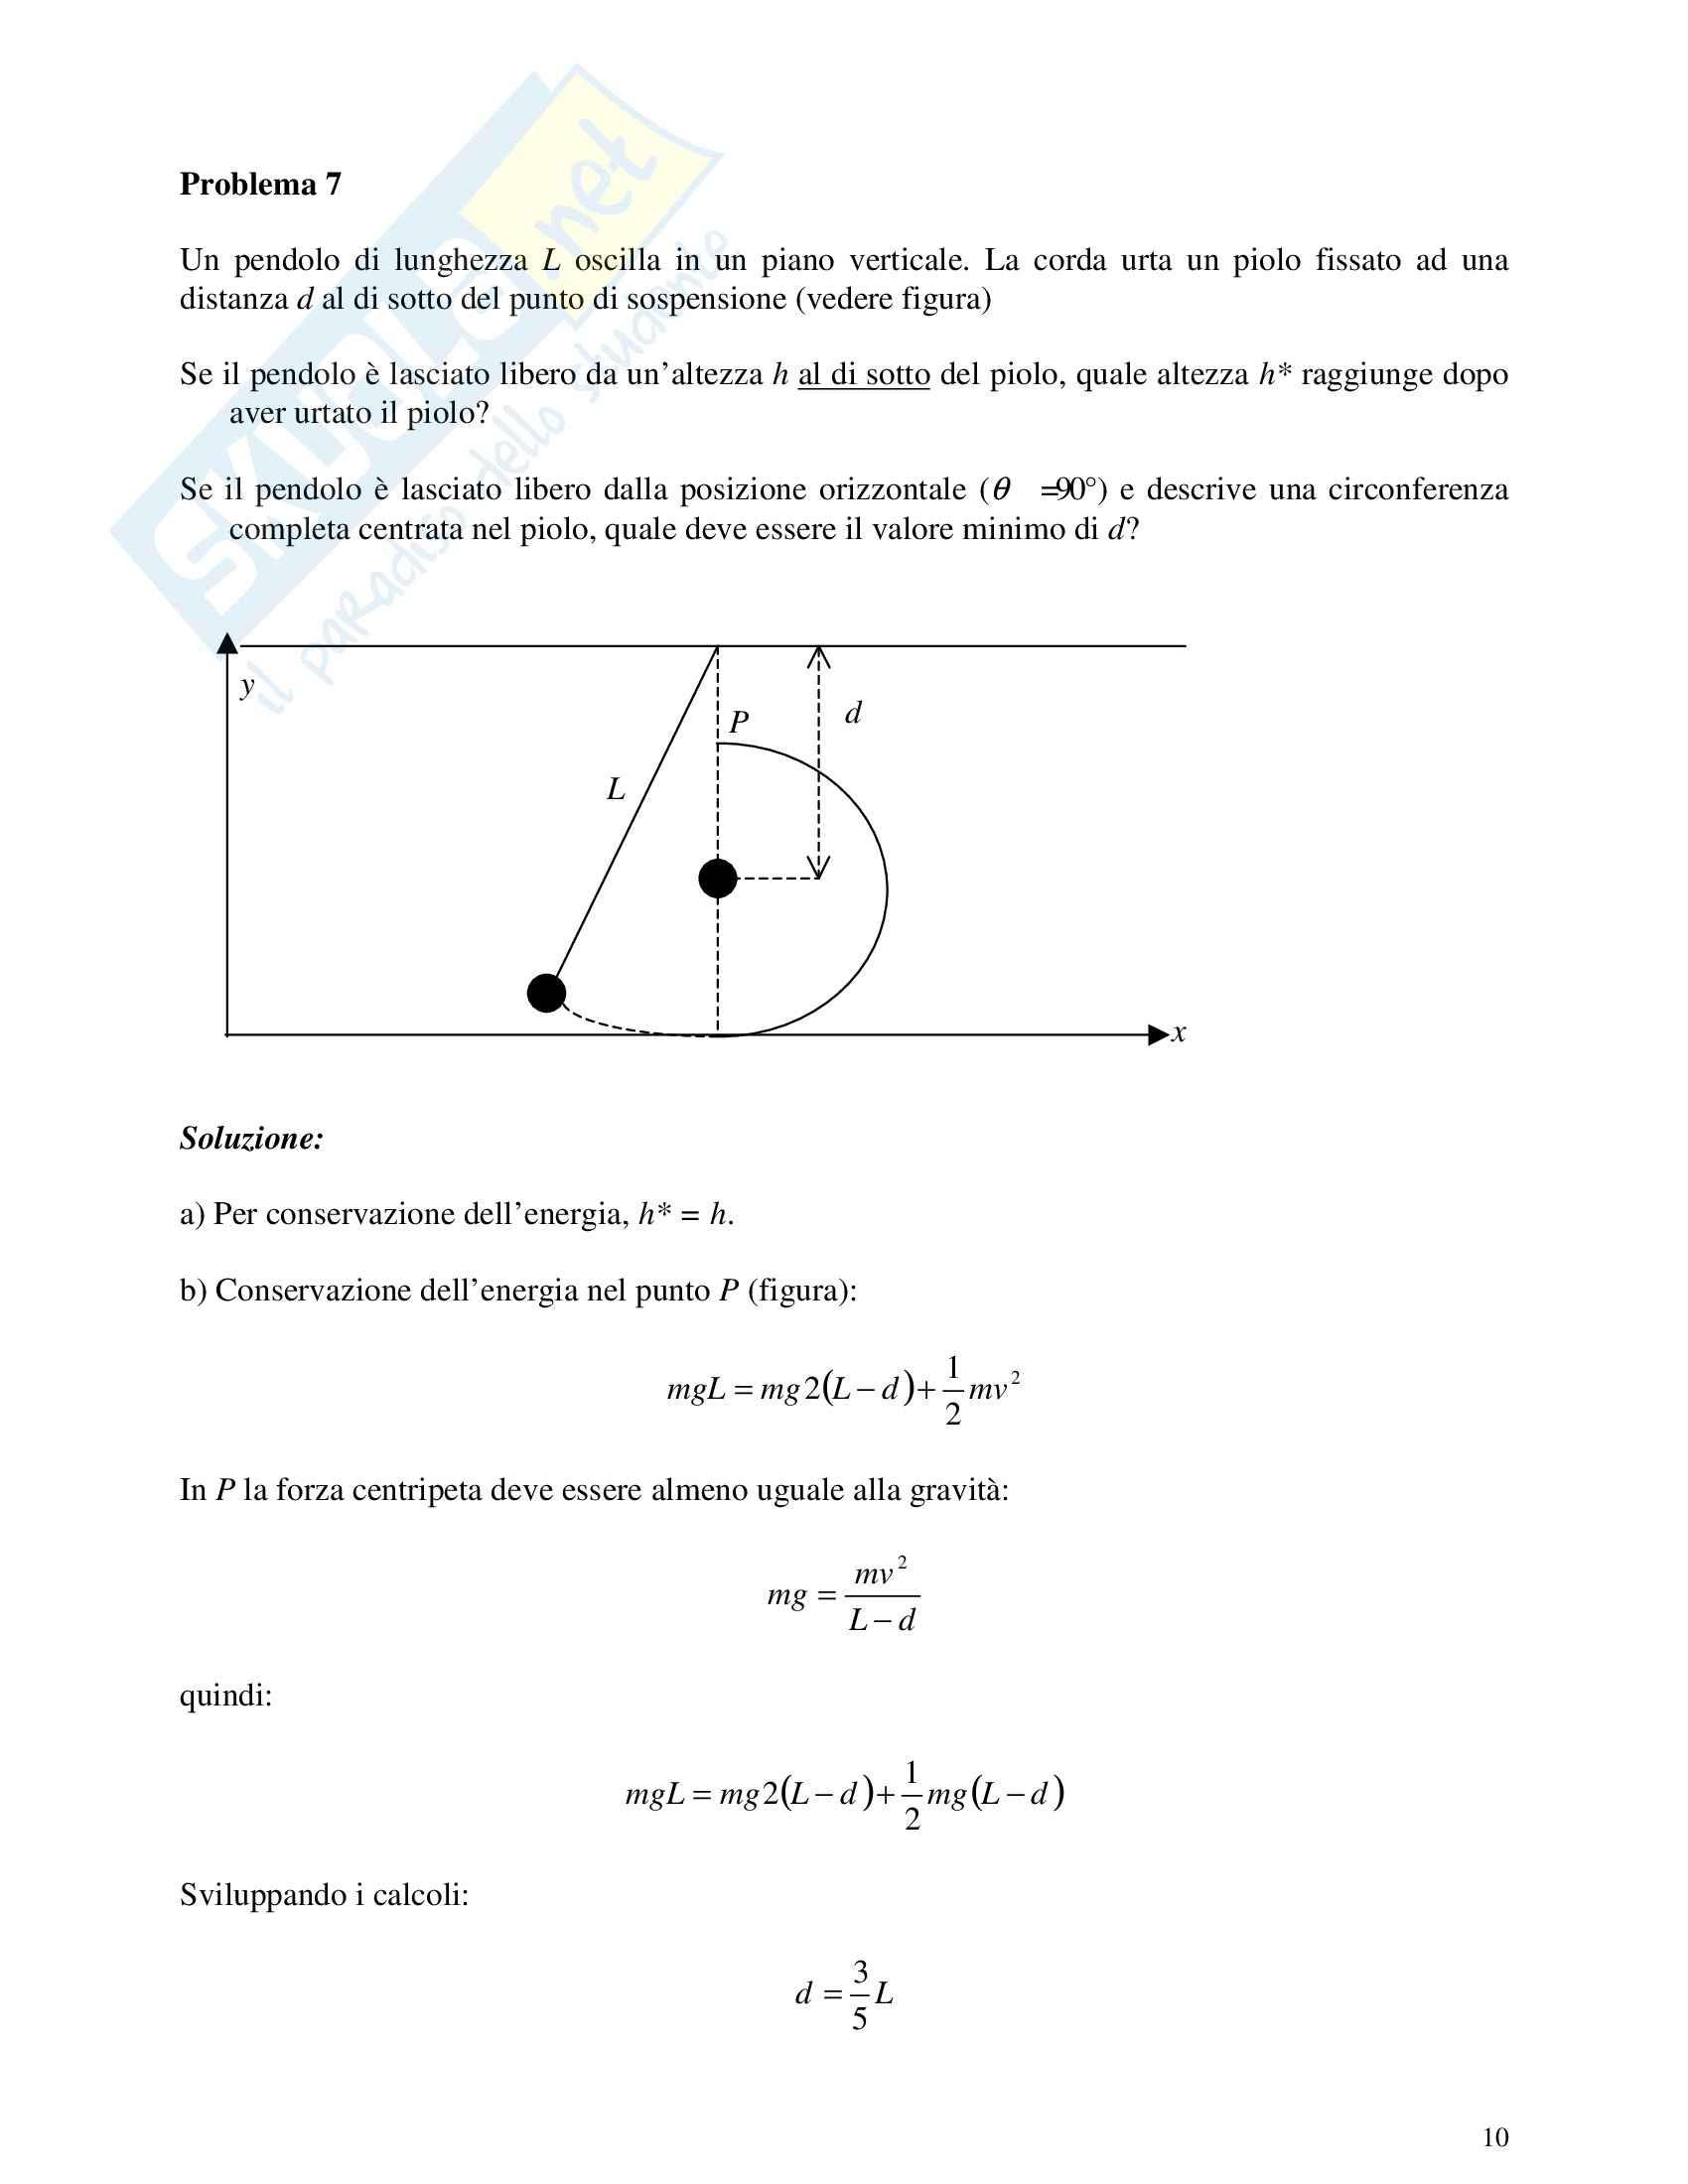 Risoluzione problemi di fisica Pag. 36